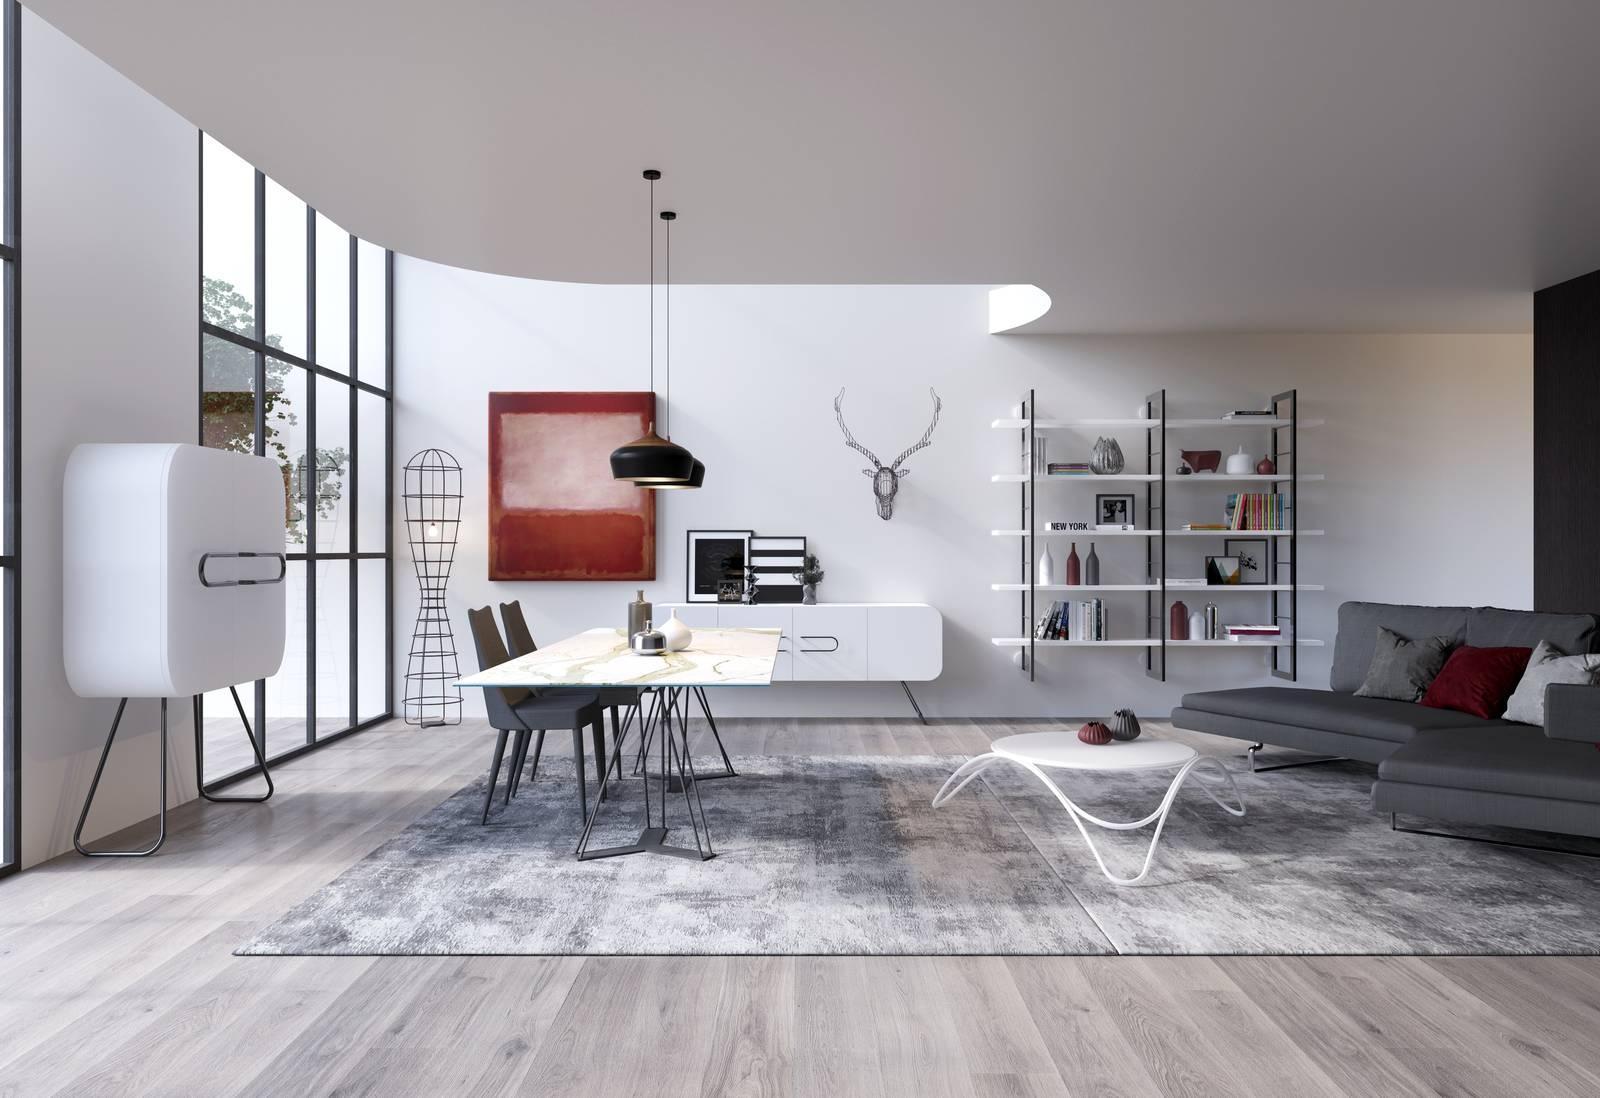 Maison Du Monde Credenze Bianche madie per il soggiorno, decorative anche nella semplicità